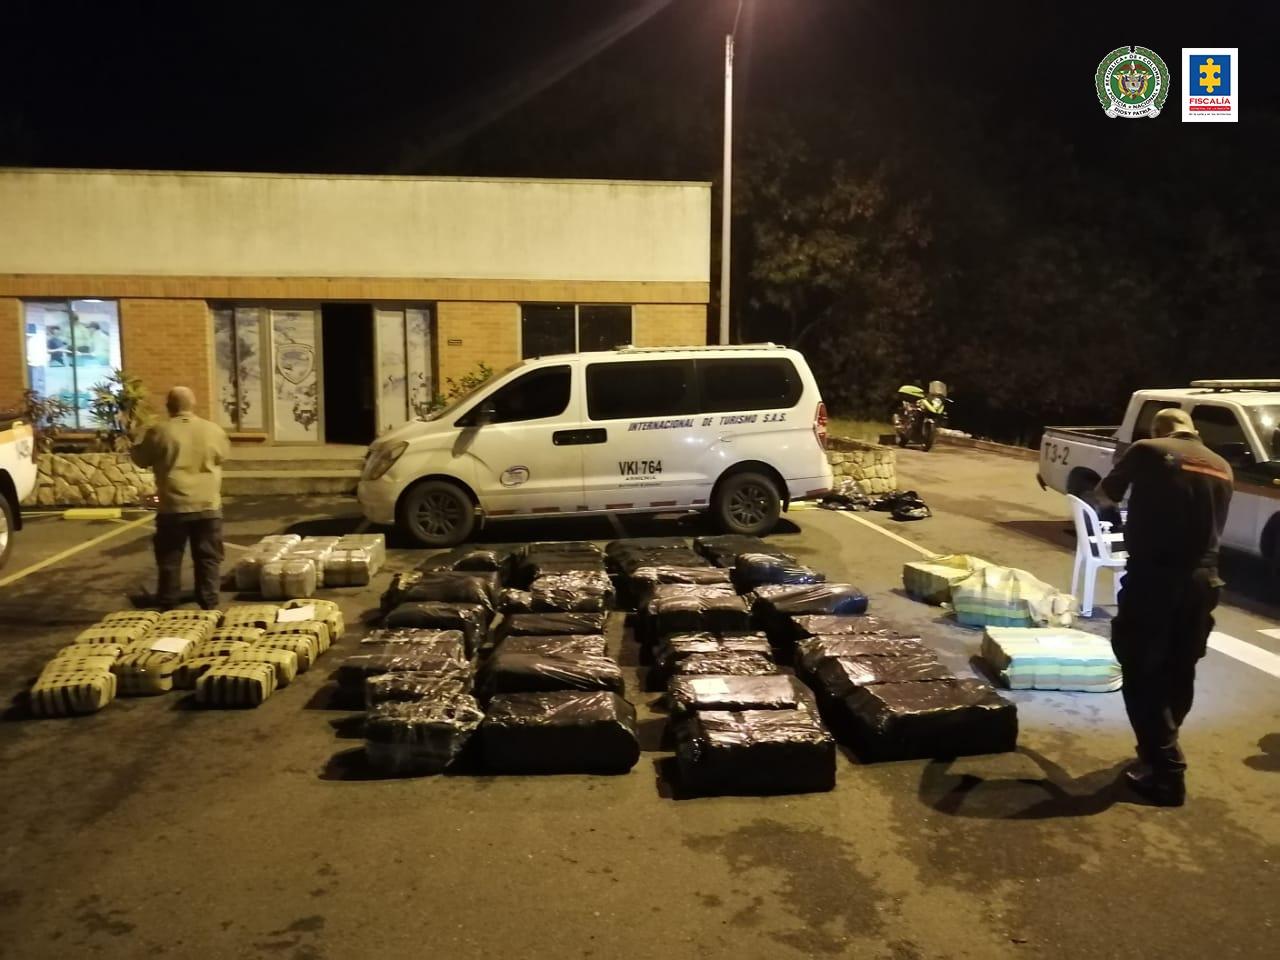 Juez envía a prisión a presunto responsable de transportar 228 kilos de marihuana ocultos en una planta eléctrica - Noticias de Colombia